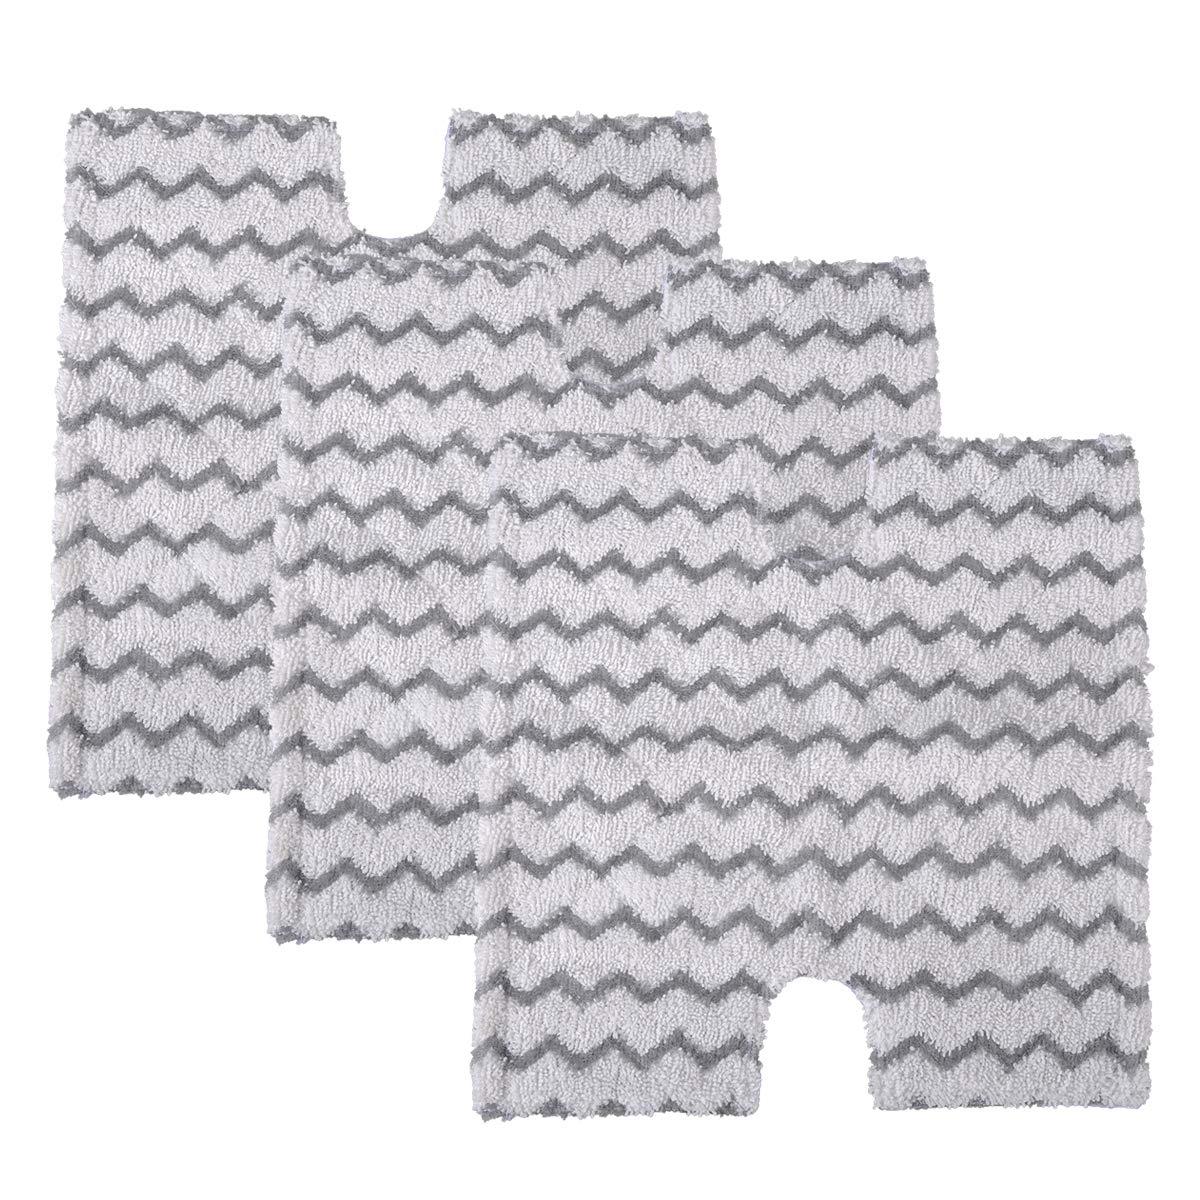 KEEPOW 3 Pack Steam Mop Pads Replacement for Shark Lift-Away & Genius Steam Pocket Mop S3973D S6002 S5003D S6001 S6003 S5001 S5002 S3973WM